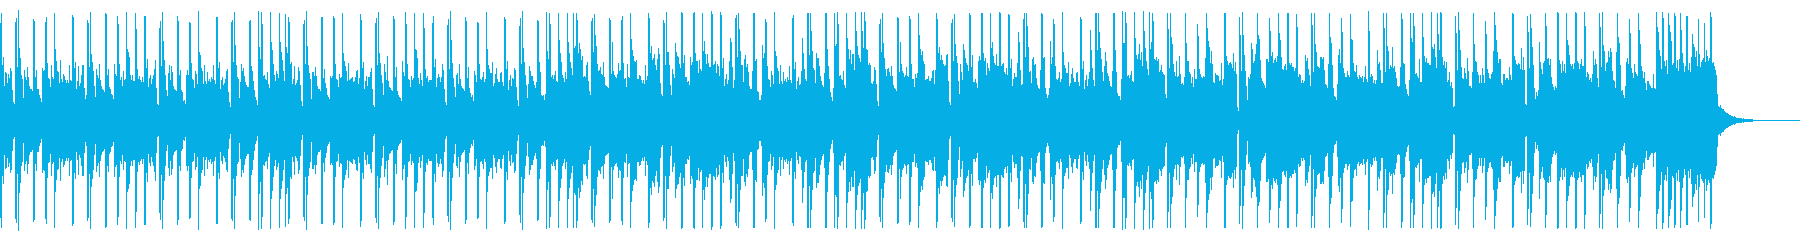 ベース&ブラスのファンクBGMの再生済みの波形